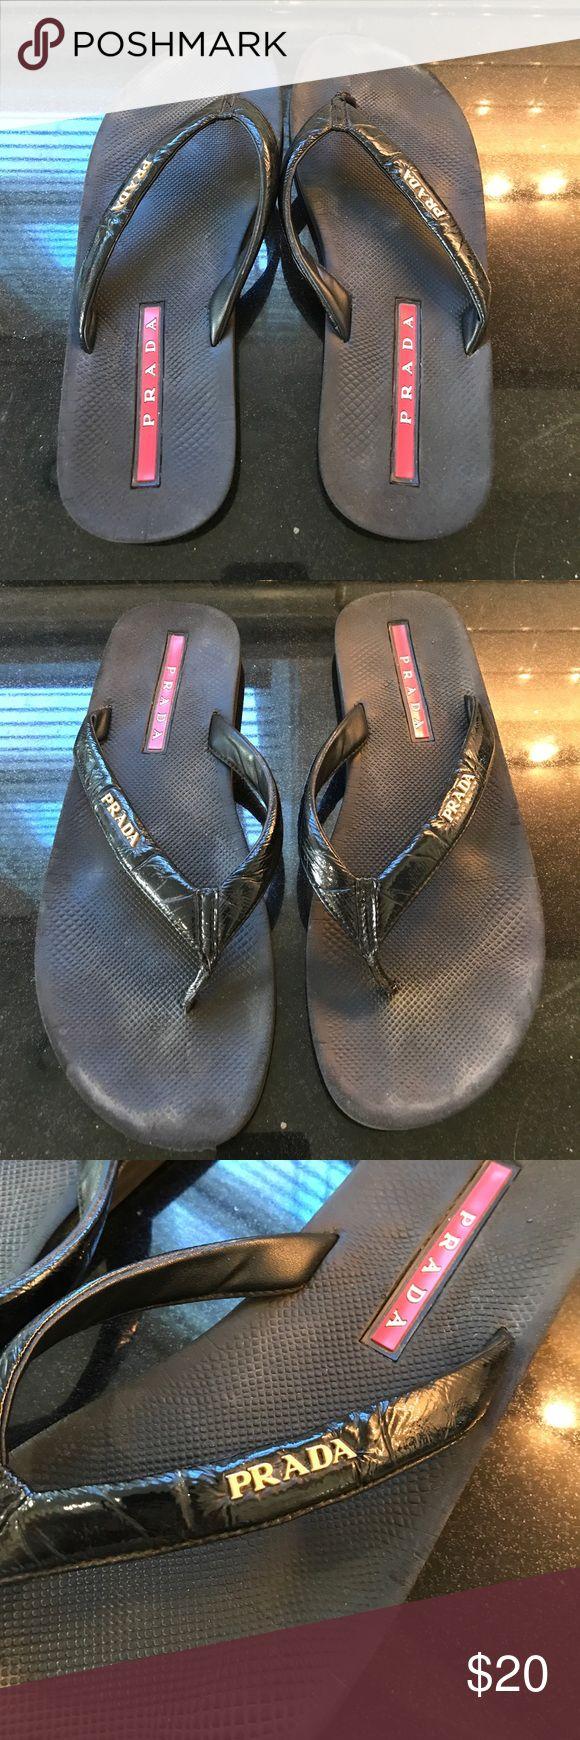 Worn Prada Flip Flops size 39.5 A worn pair of Prada Flip Flops size 39.5 Prada Shoes Sandals